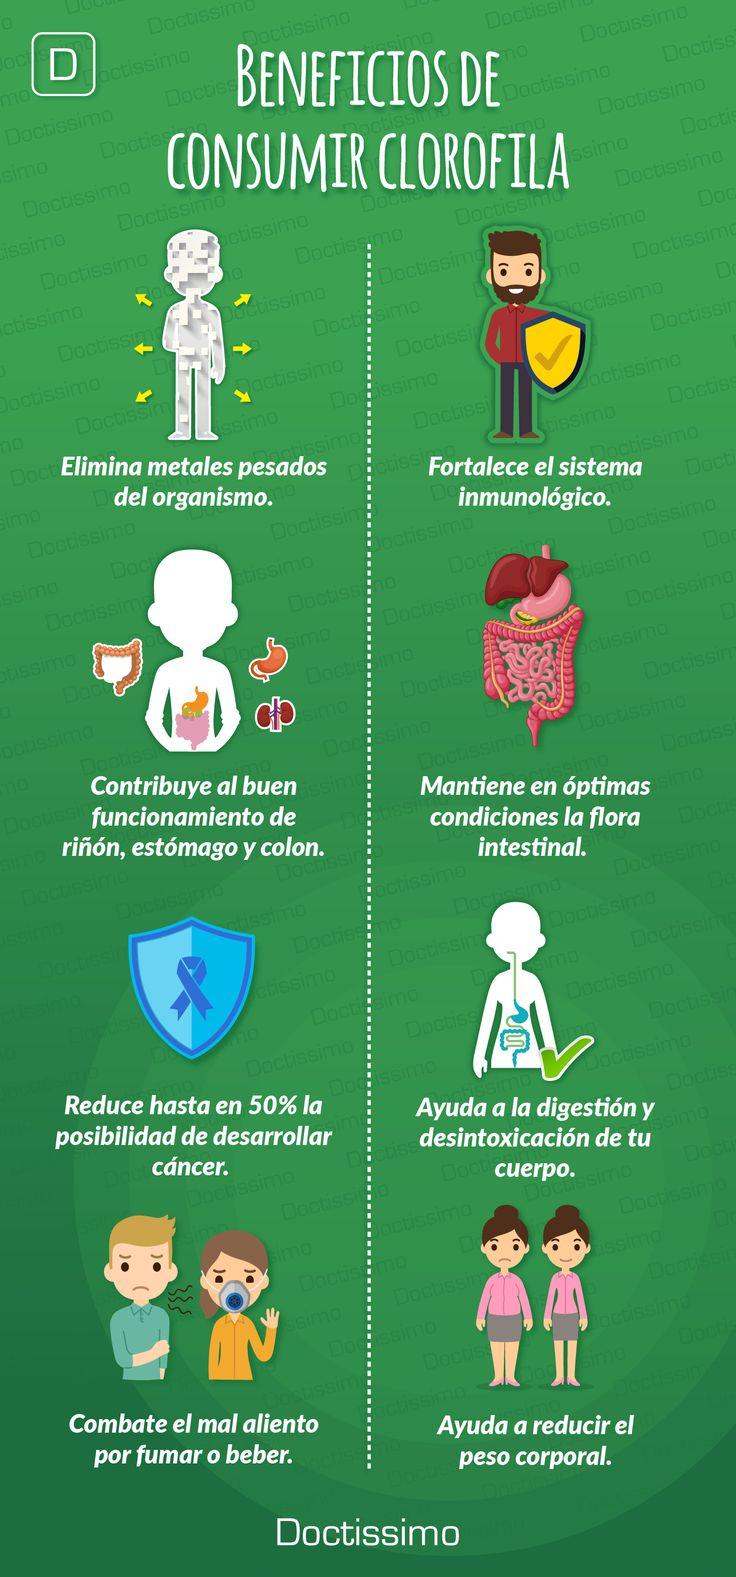 Beneficios de tomar clorofila para tu salud.  #salud #clorofila #nutrición #bienestar